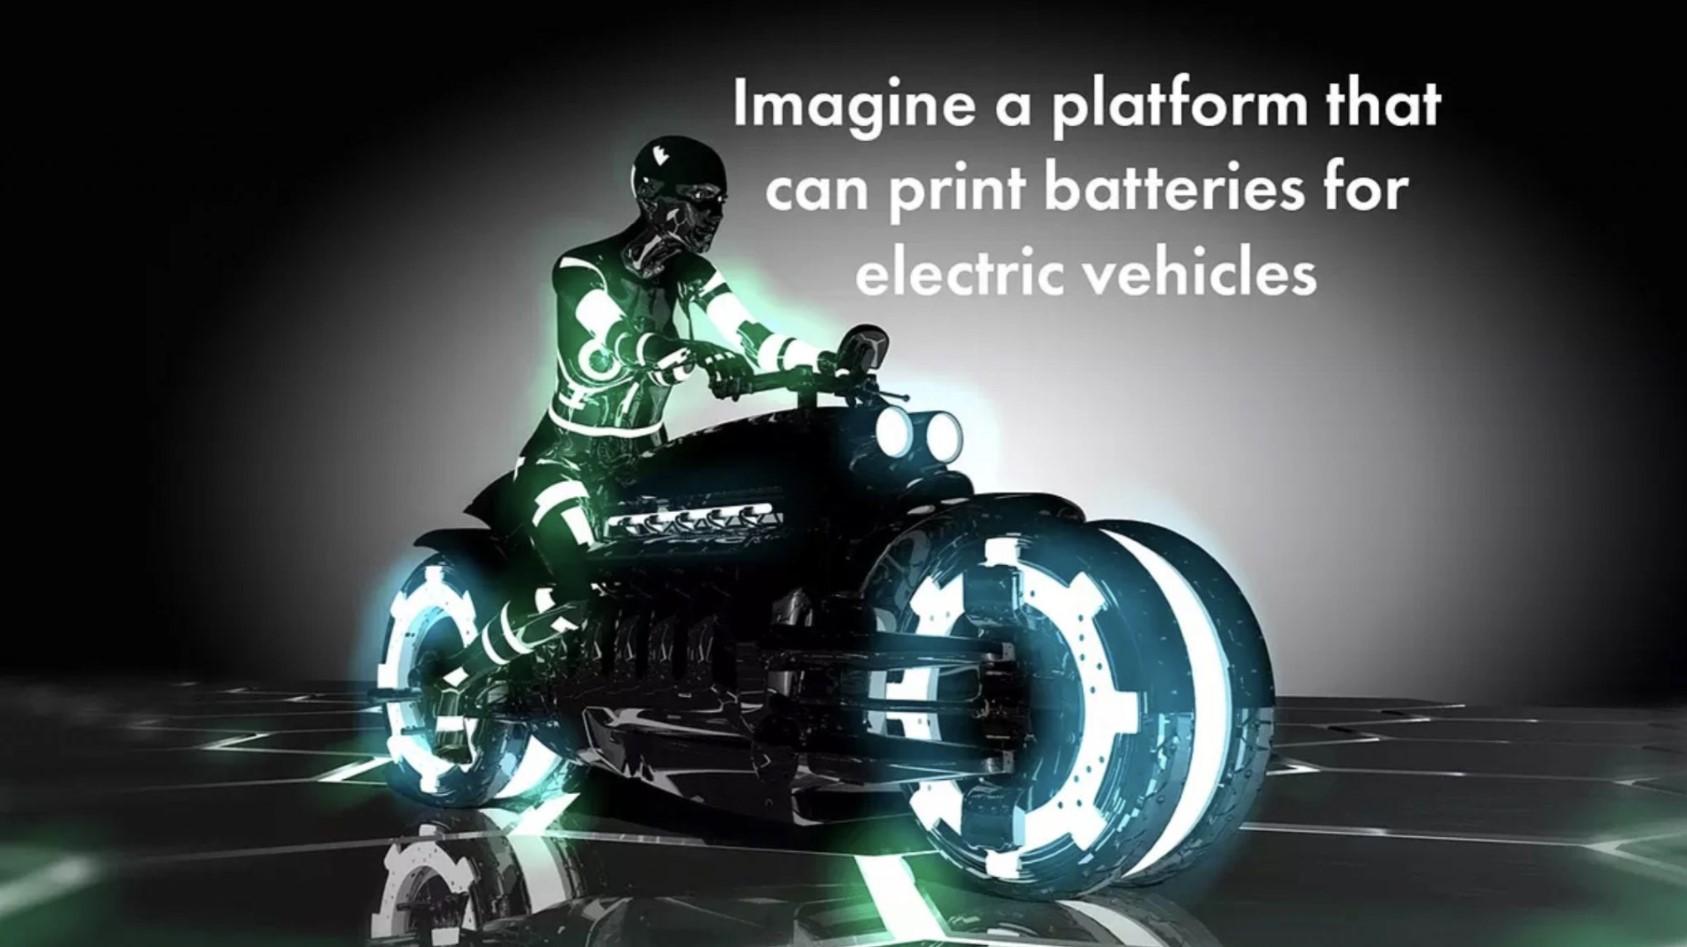 Sakuu si propone di accelerare l'adozione di veicoli elettrici con la nuova stampante 3D a batteria